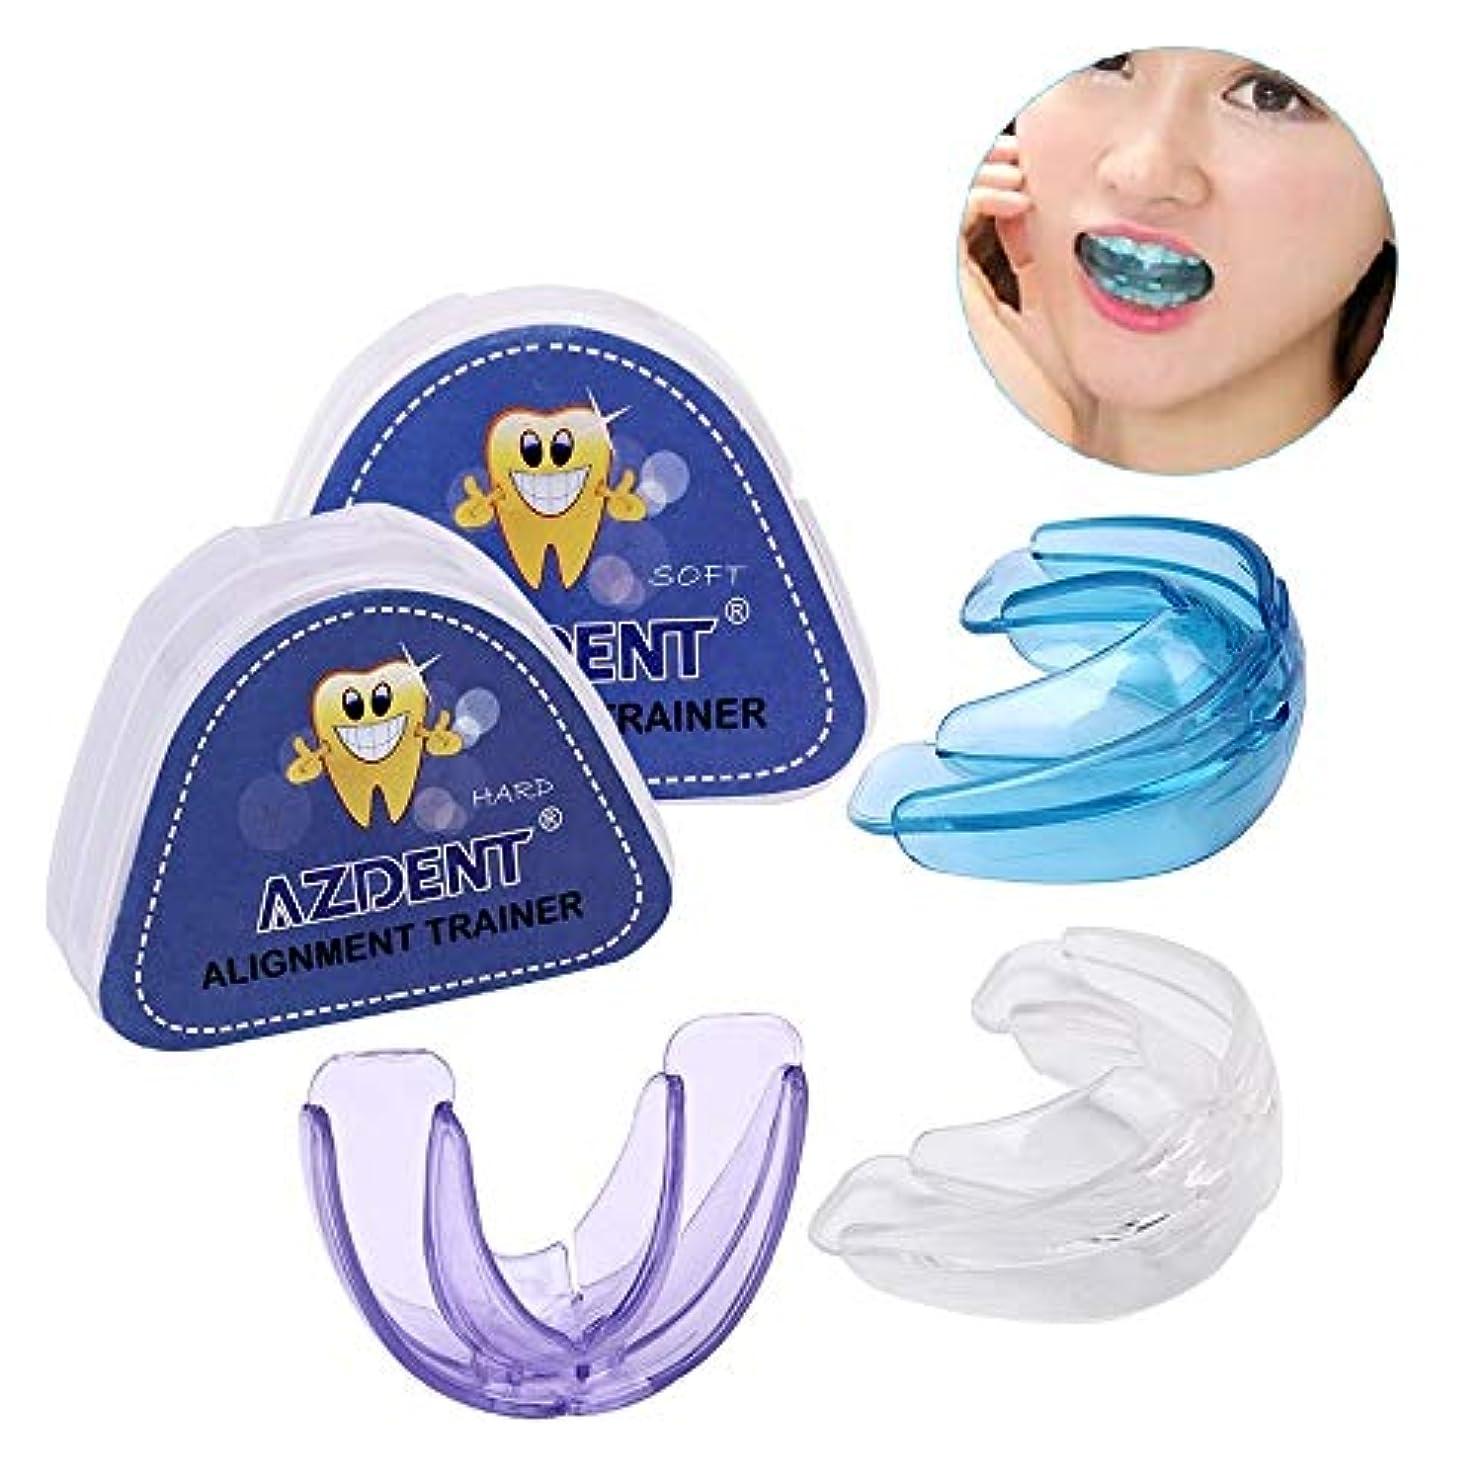 顧問押す含める1 SET(SOFT+HARD) Pro Silicone Tooth Orthodontic Dental Appliance Trainer Alignment Braces For Teeth Straight Alignment...